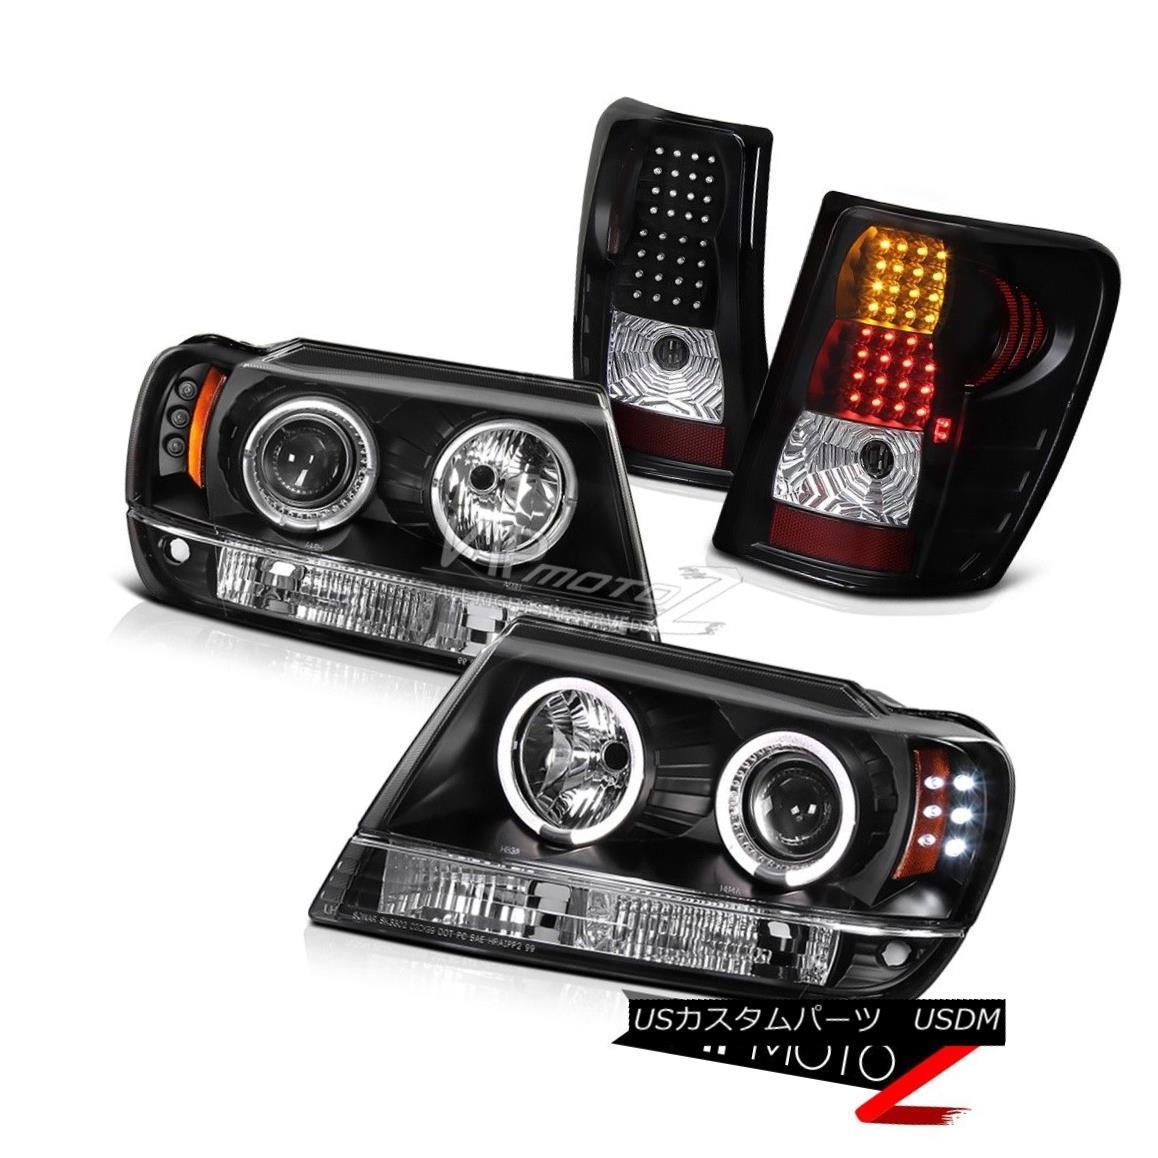 ヘッドライト 99-2004 Jeep Grand Cherokee Laredo Black Halo Projector Headlight LED Tail Light 99-2004ジープグランドチェロキーラレドブラックハロープロジェクターヘッドライトLEDテールライト